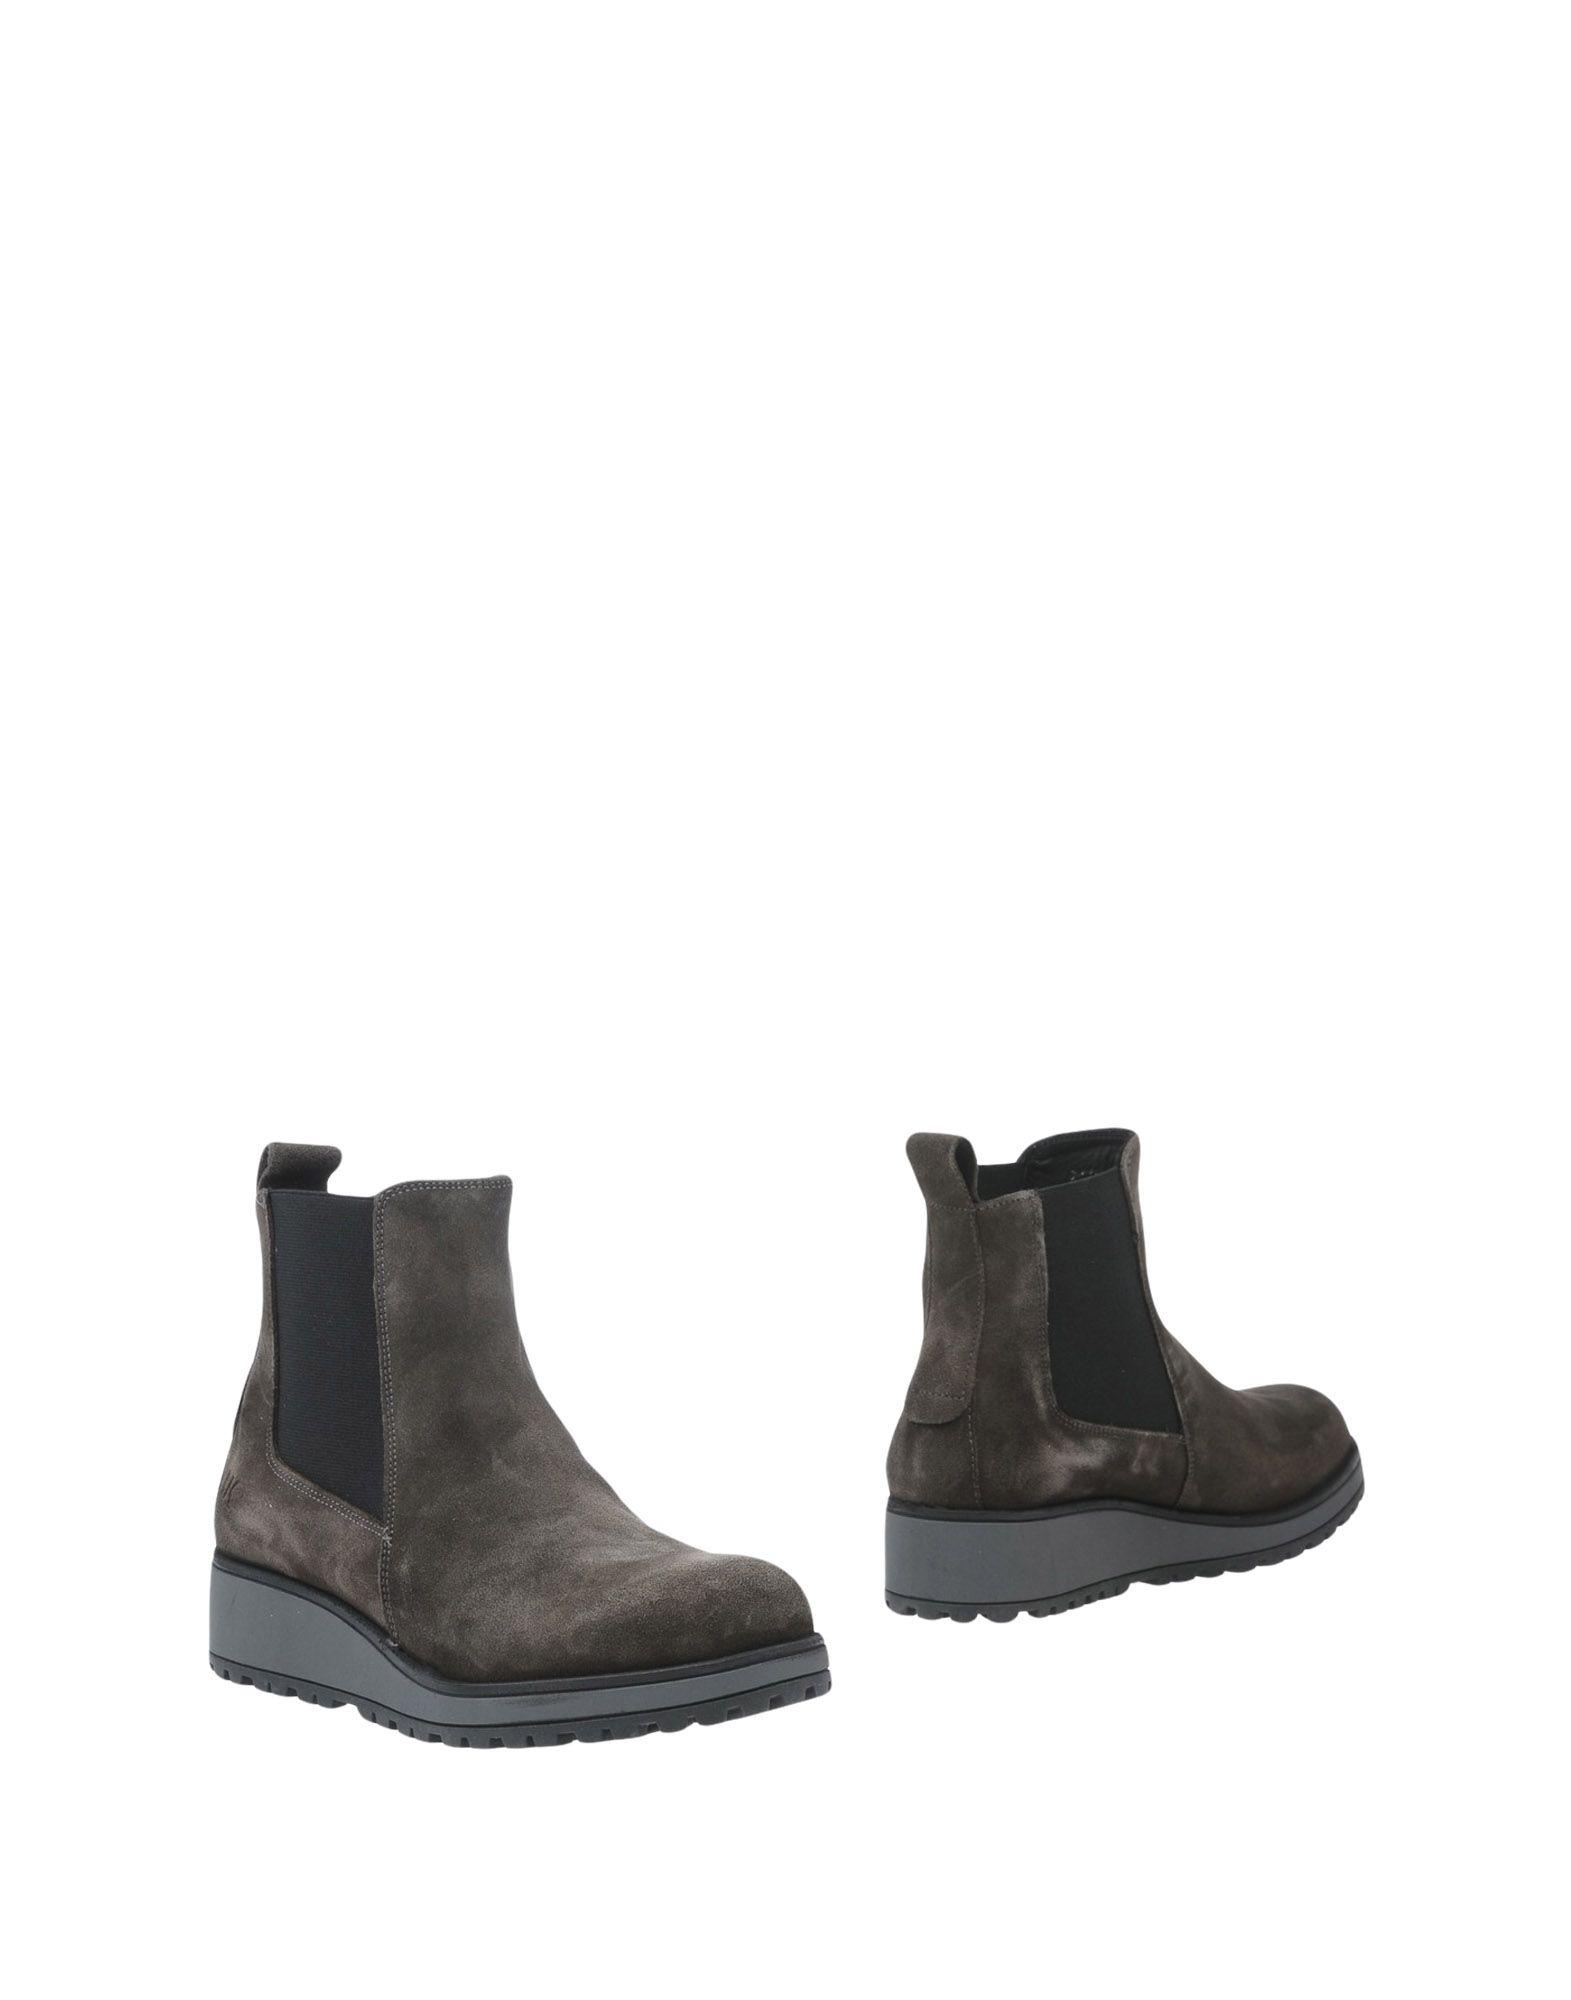 LUMBERJACK Полусапоги и высокие ботинки купить футбольную форму челси торрес